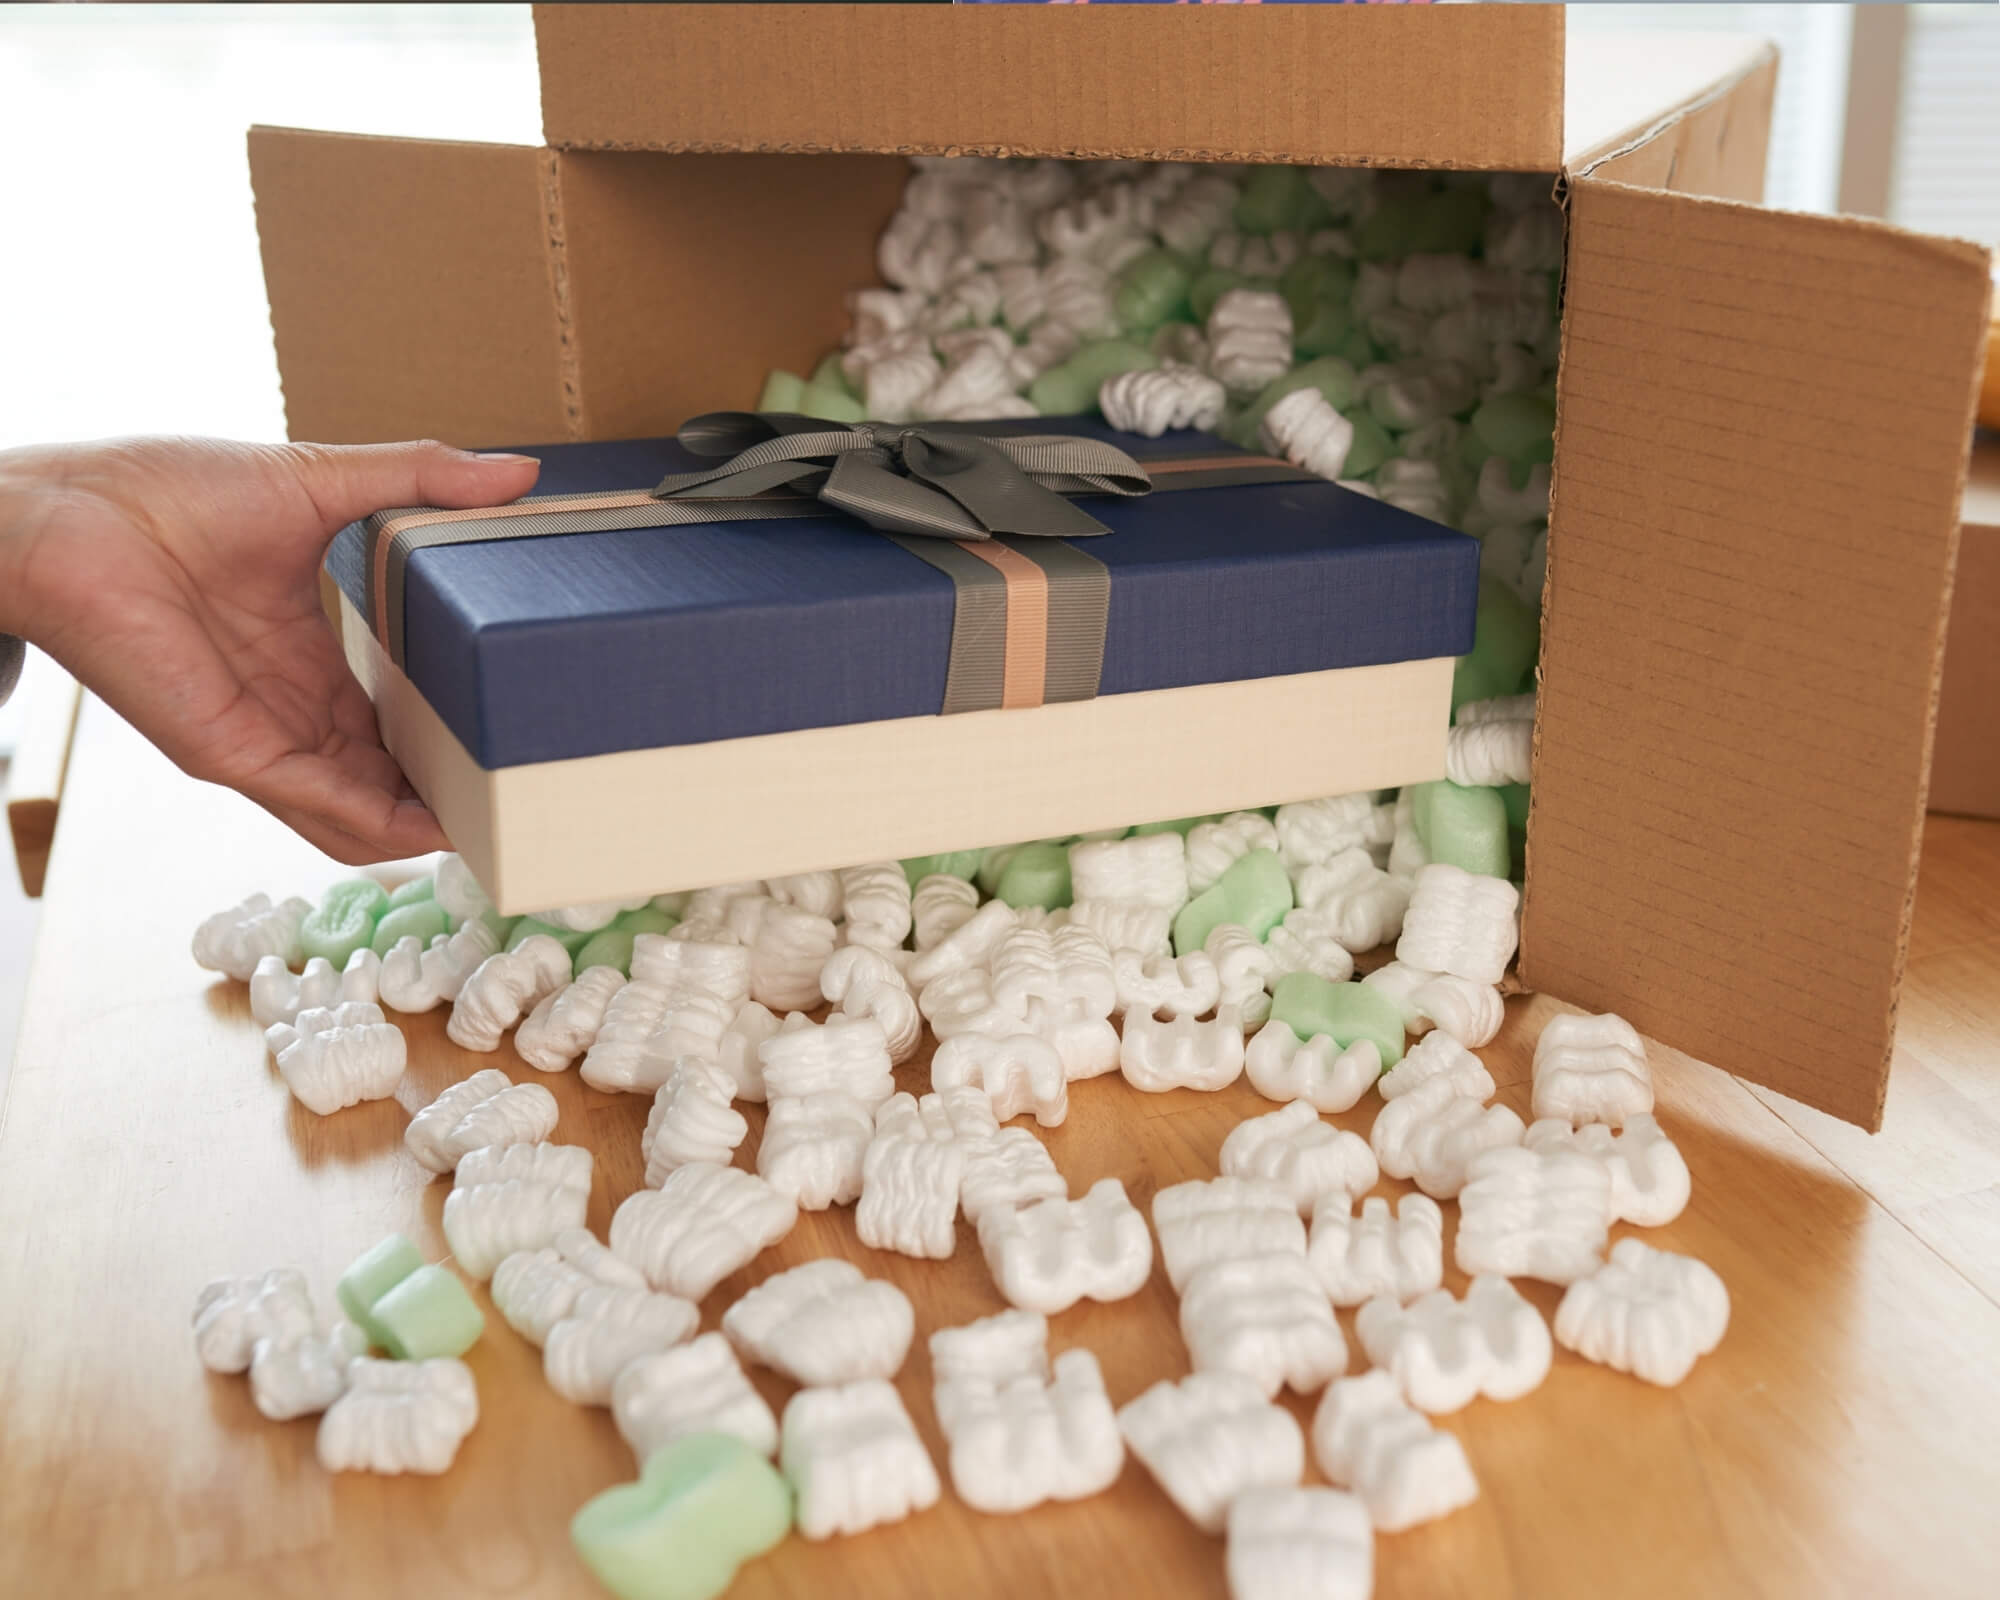 Entre las buenas estrategias para ecommerce se encuentra el cuidado del packaging